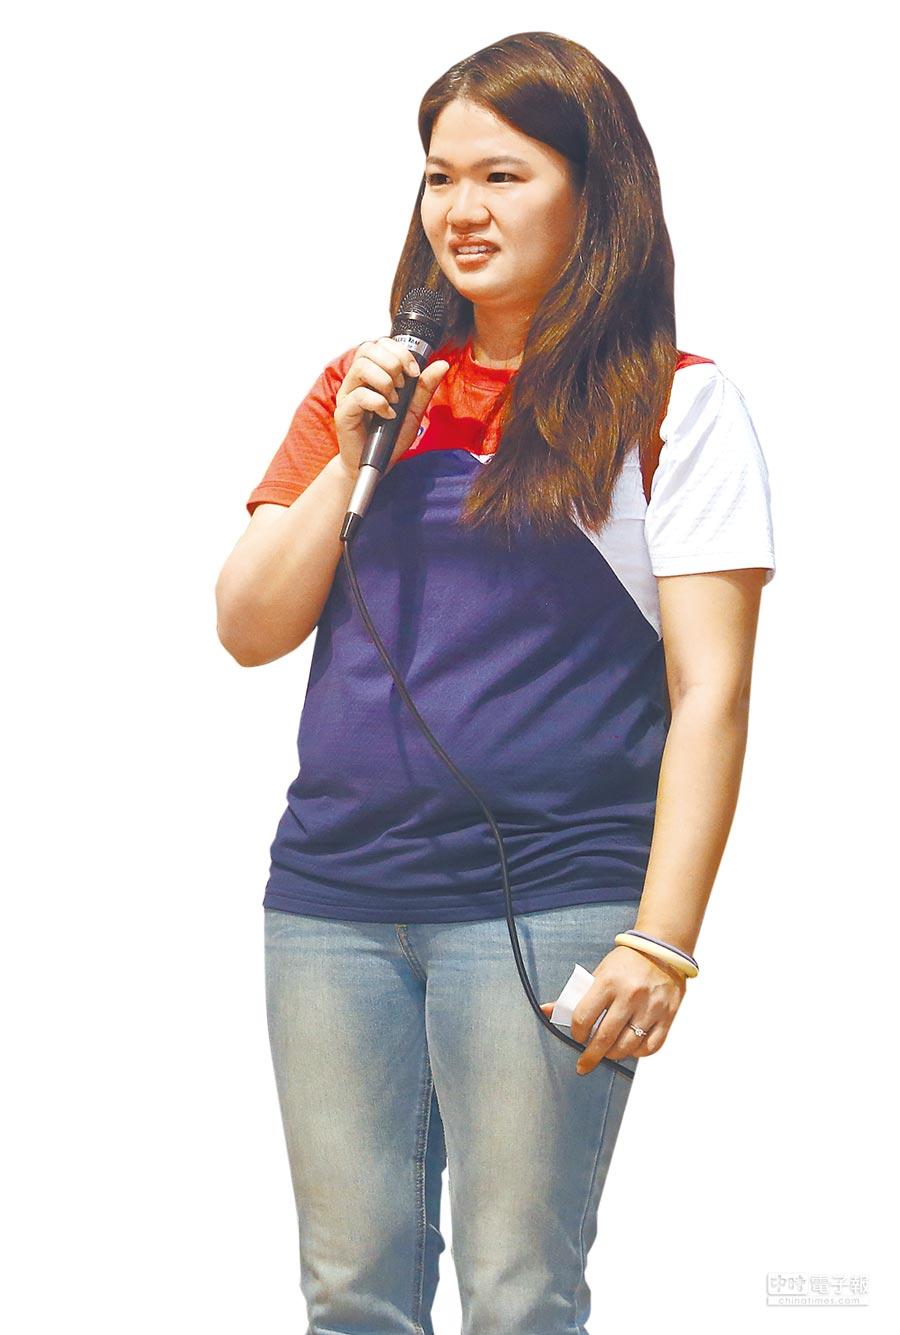 目前已拿到東奧參賽資格的射擊女將田家榛呼籲,別讓運動員失去應有的舞台。(范揚光攝)